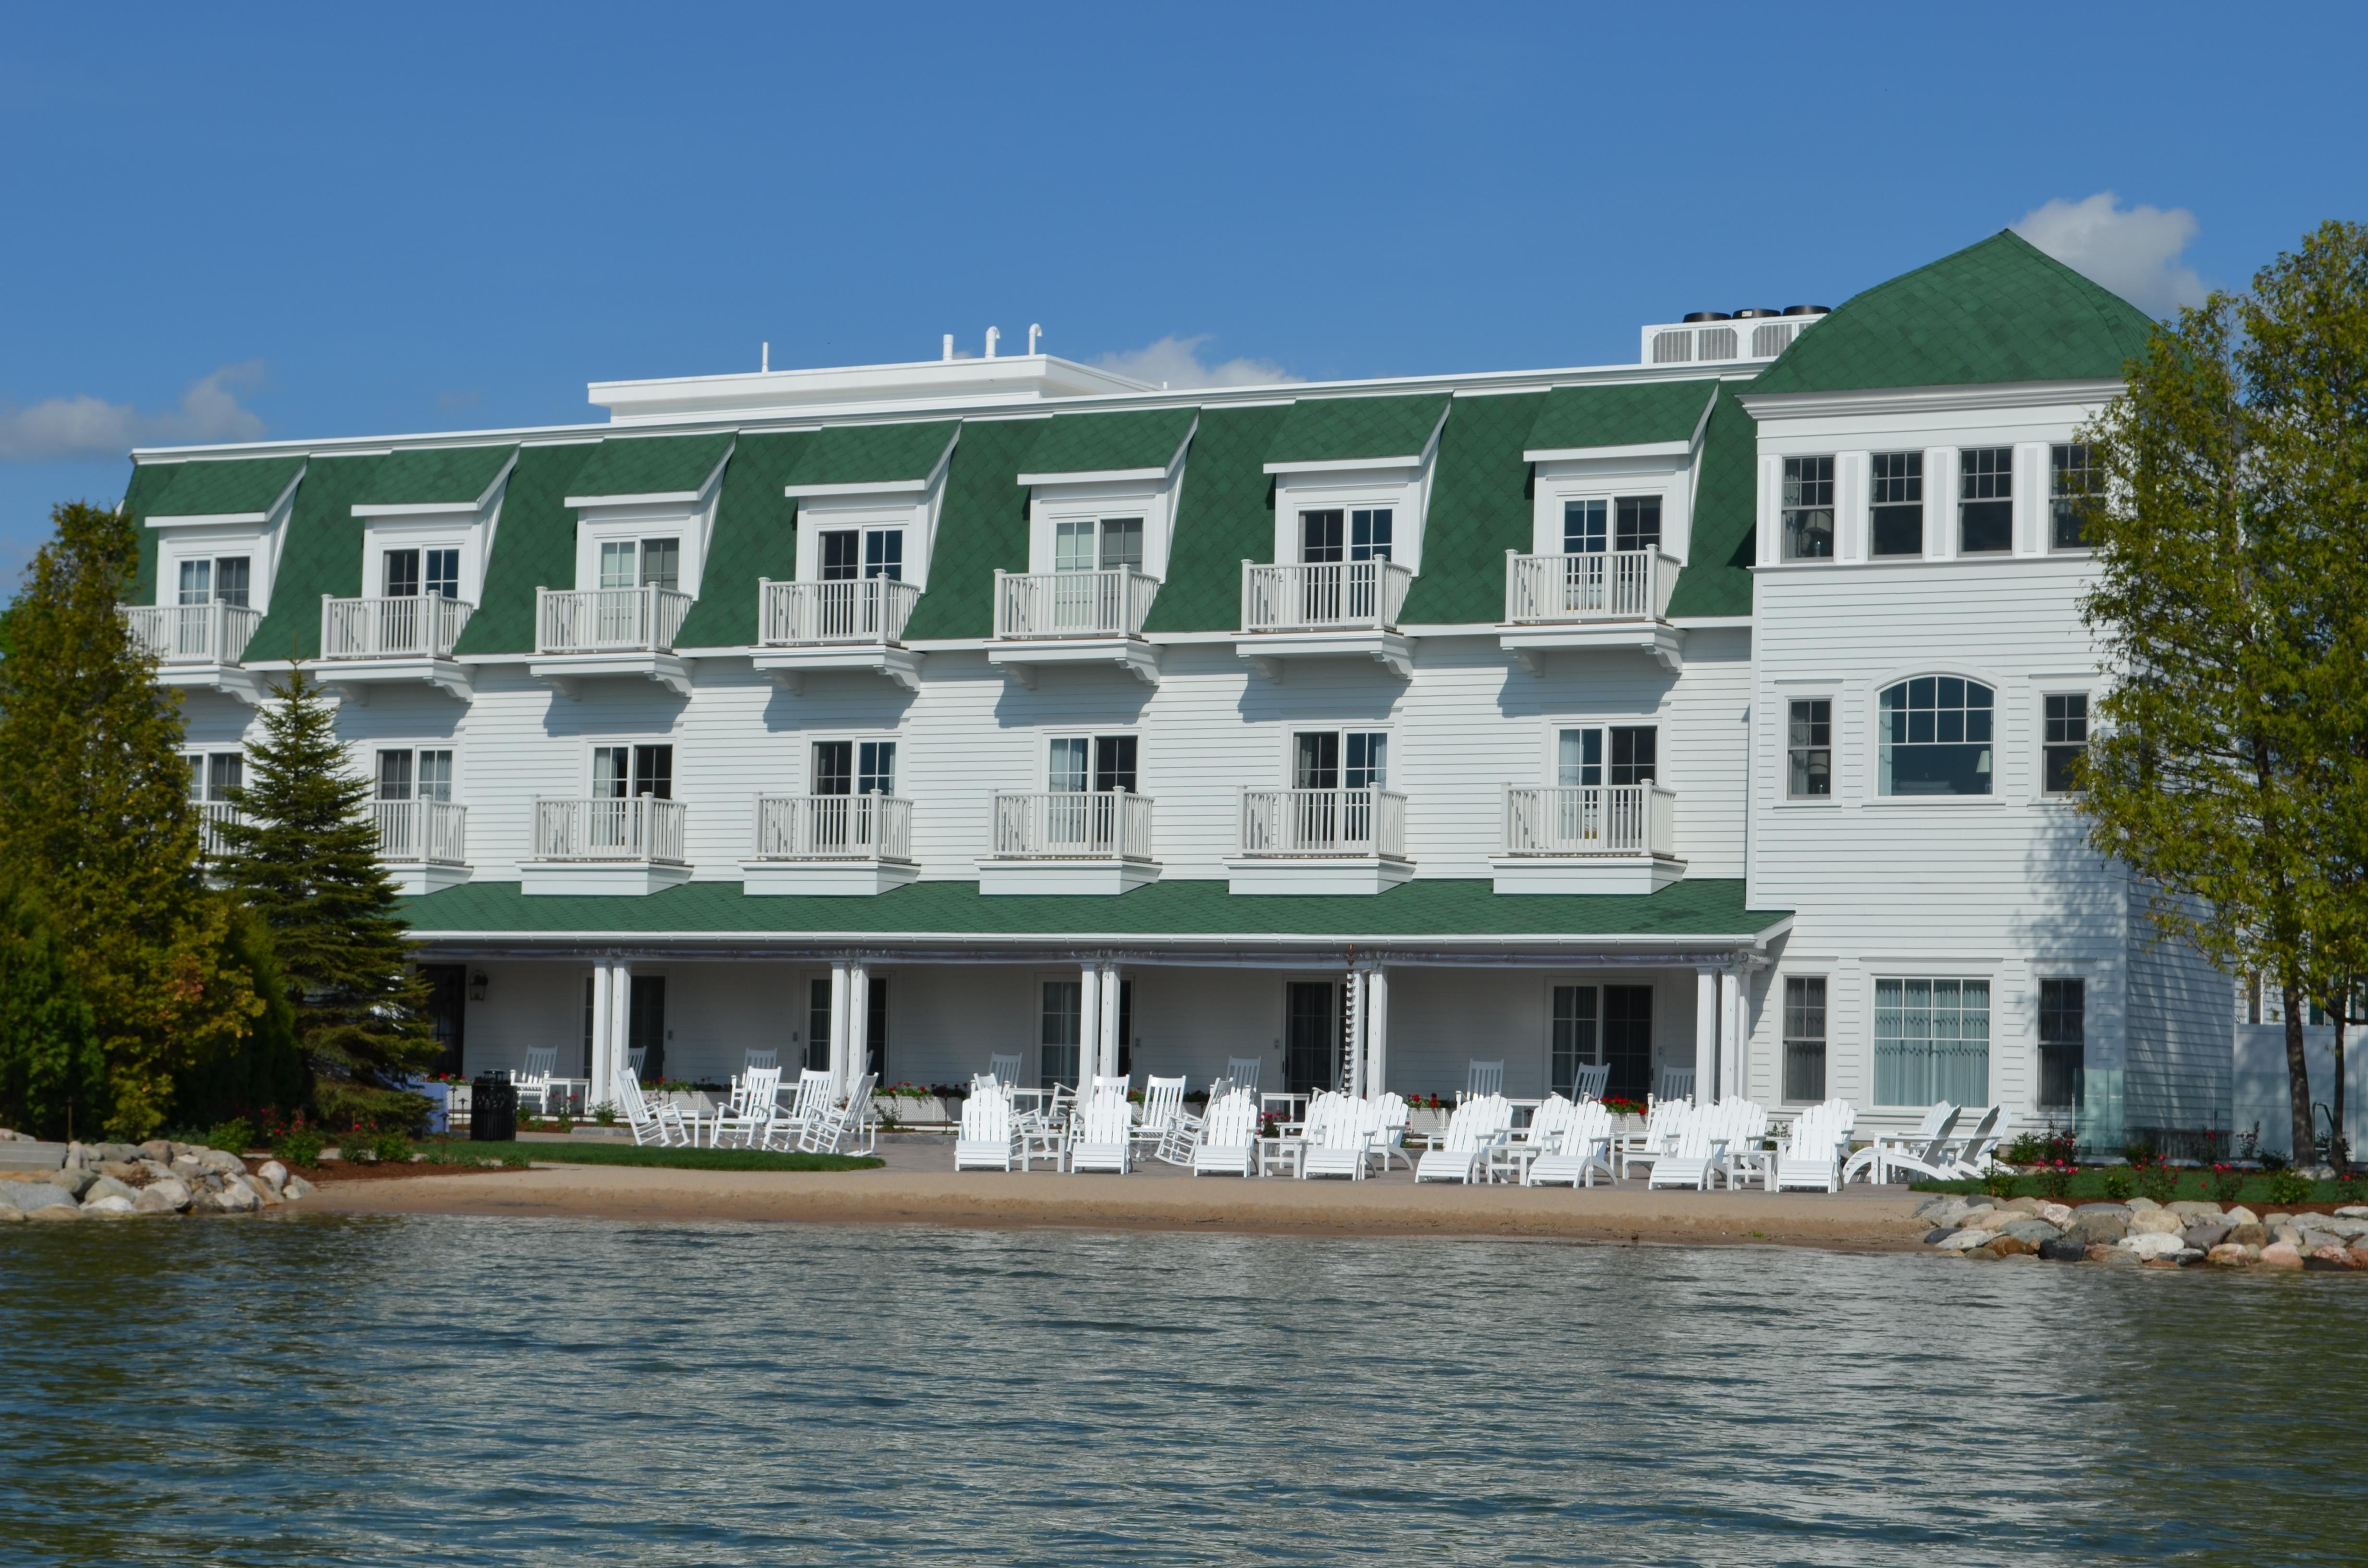 Hotel Walloon, Walloon Lake